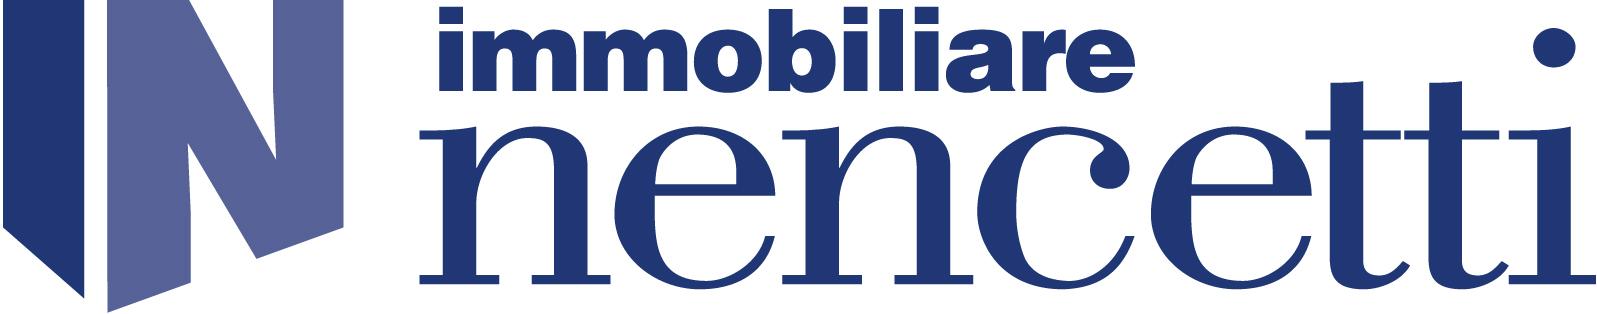 logo IMMOBILIARE NENCETTI